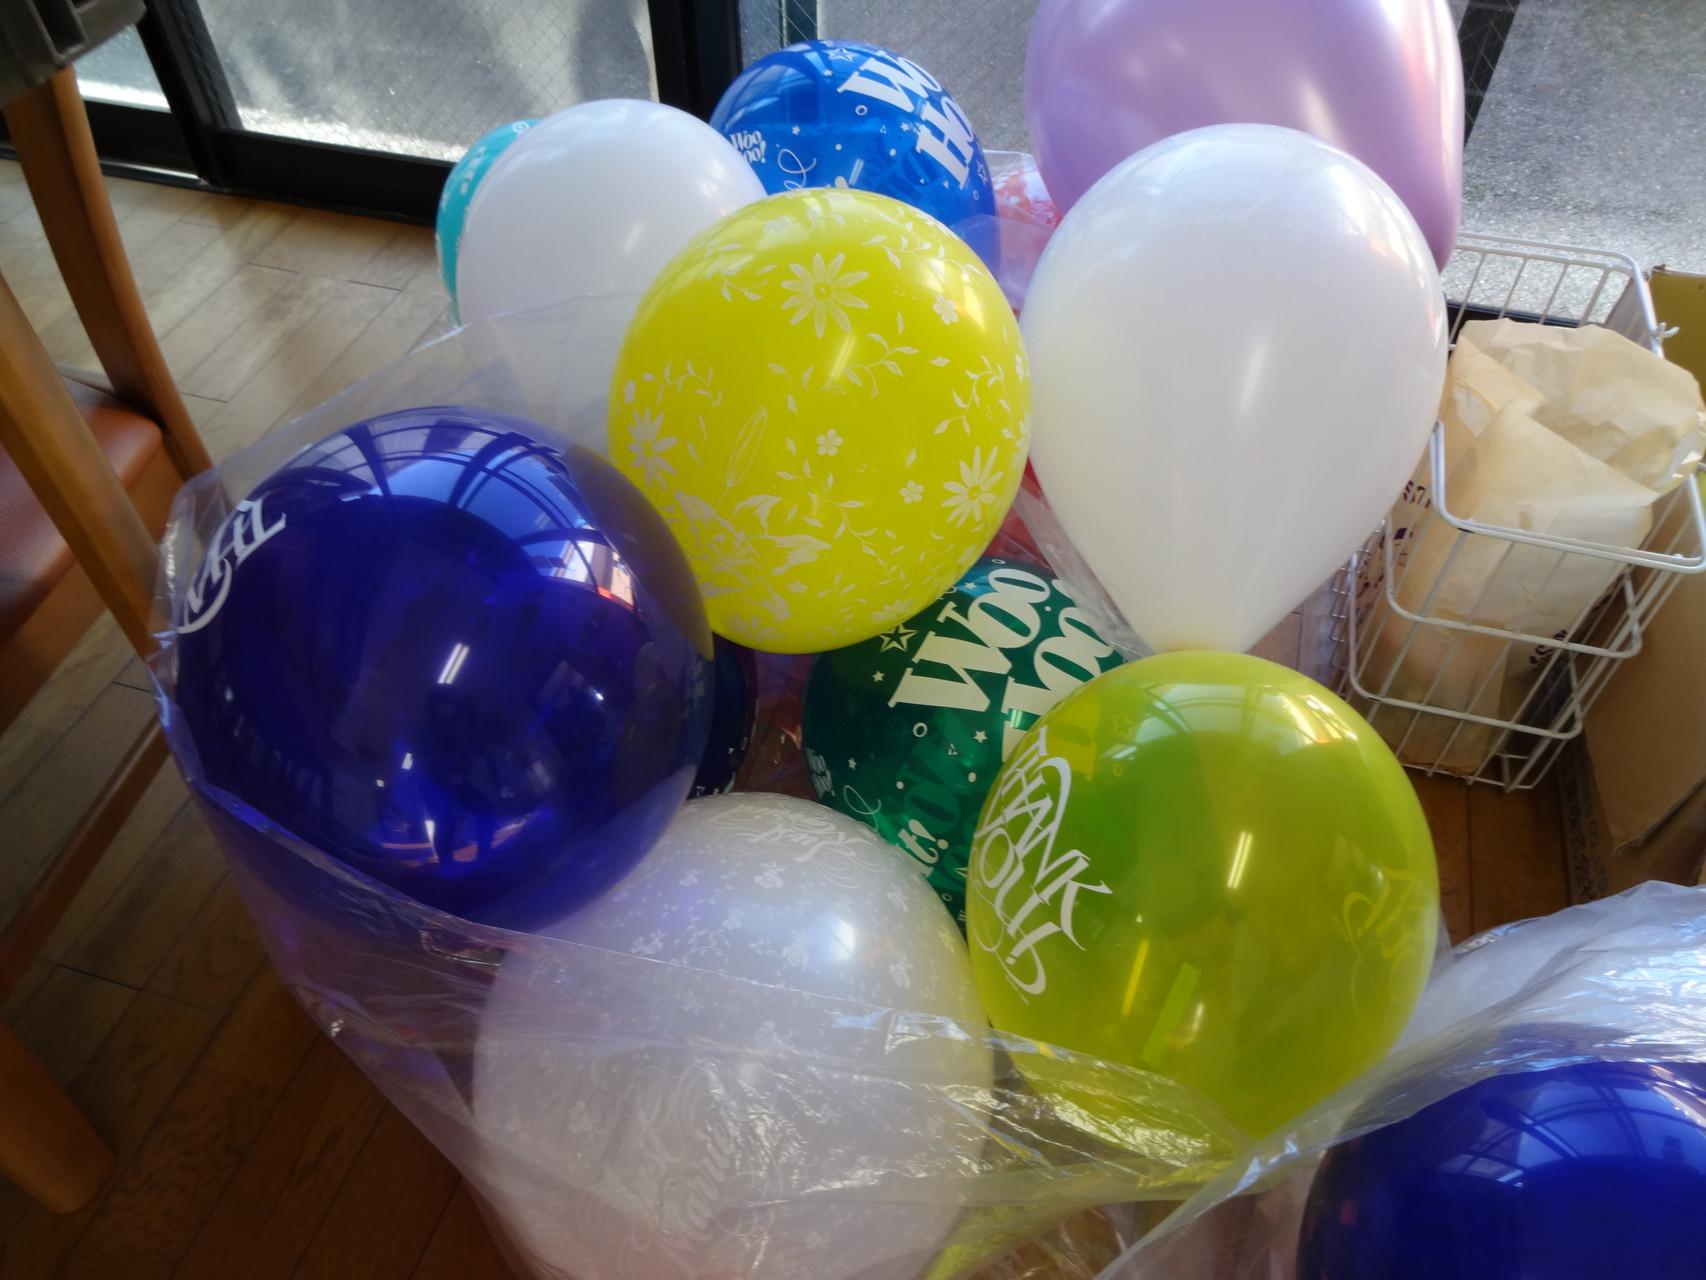 アニモまつりでお世話になった「おちゃぴいほりこし」さんからプレゼントで頂いた風船